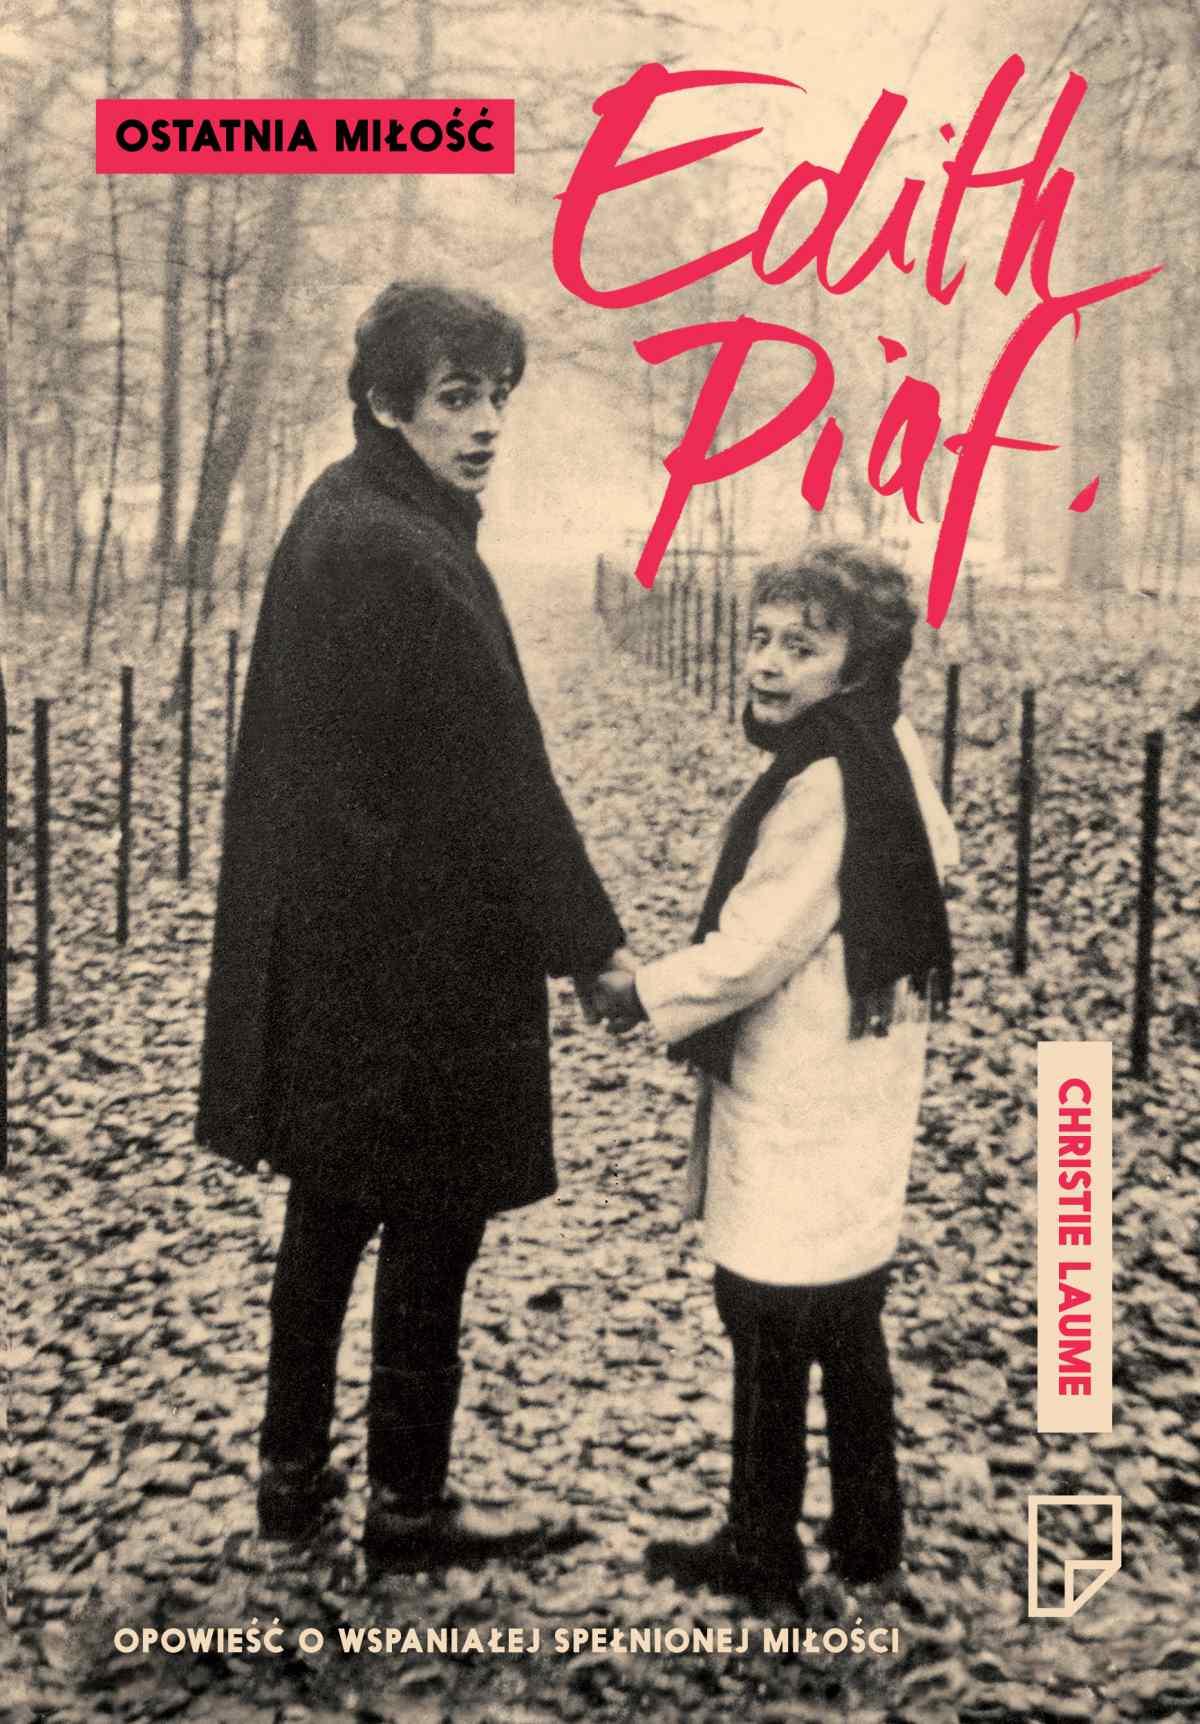 Ostatnia miłość Edith Piaf - Ebook (Książka EPUB) do pobrania w formacie EPUB